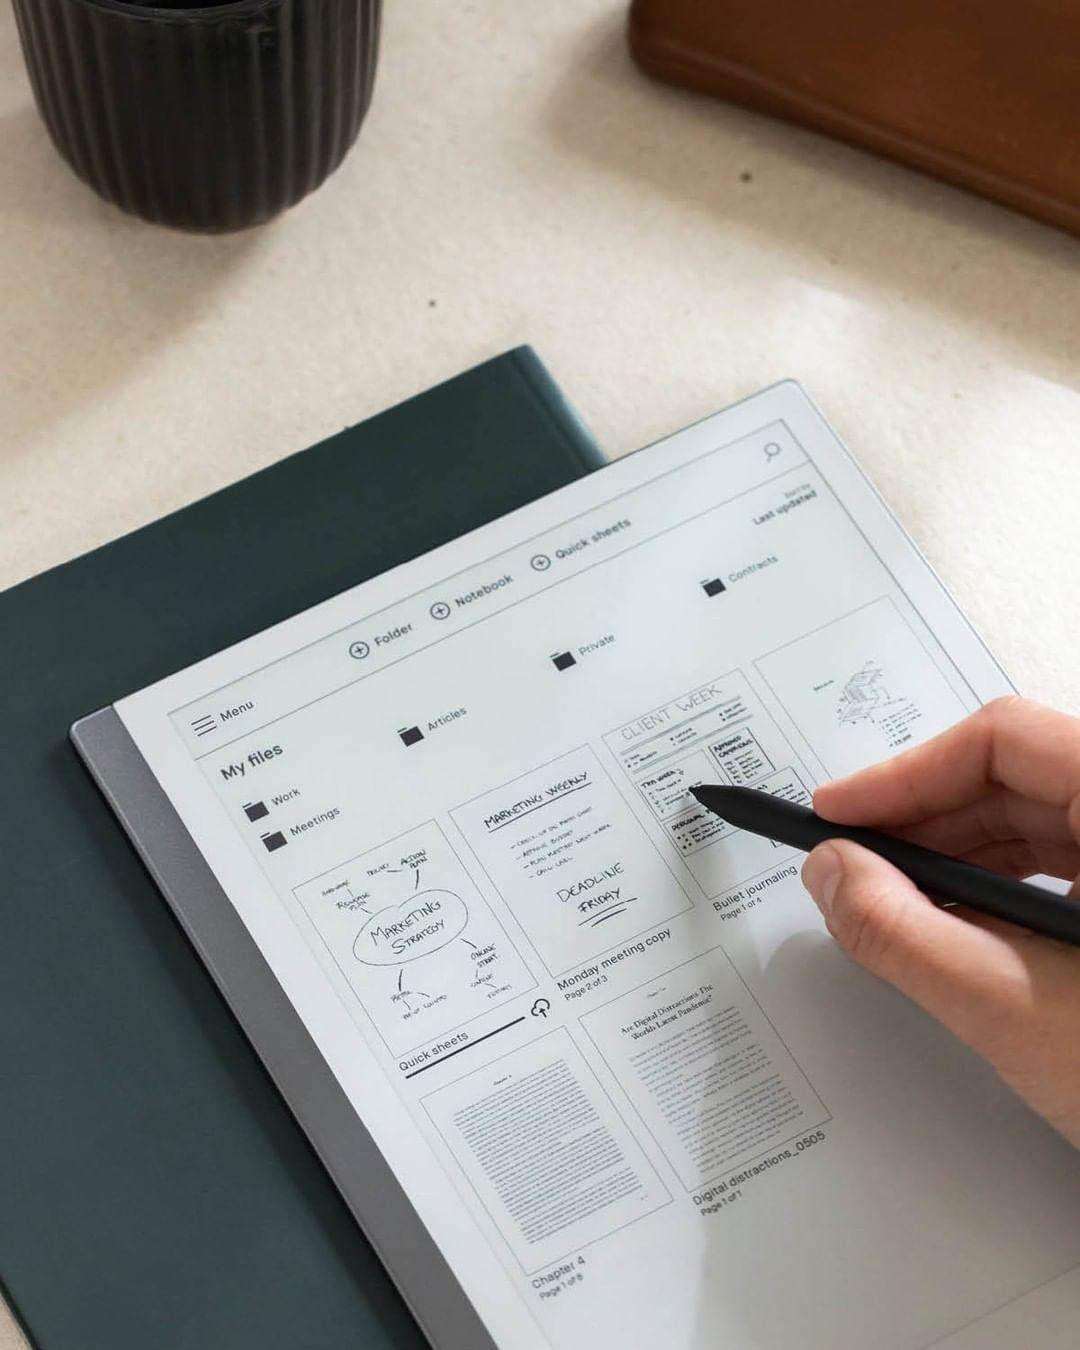 ebook reader singapore - ReMarkable 2 tablet